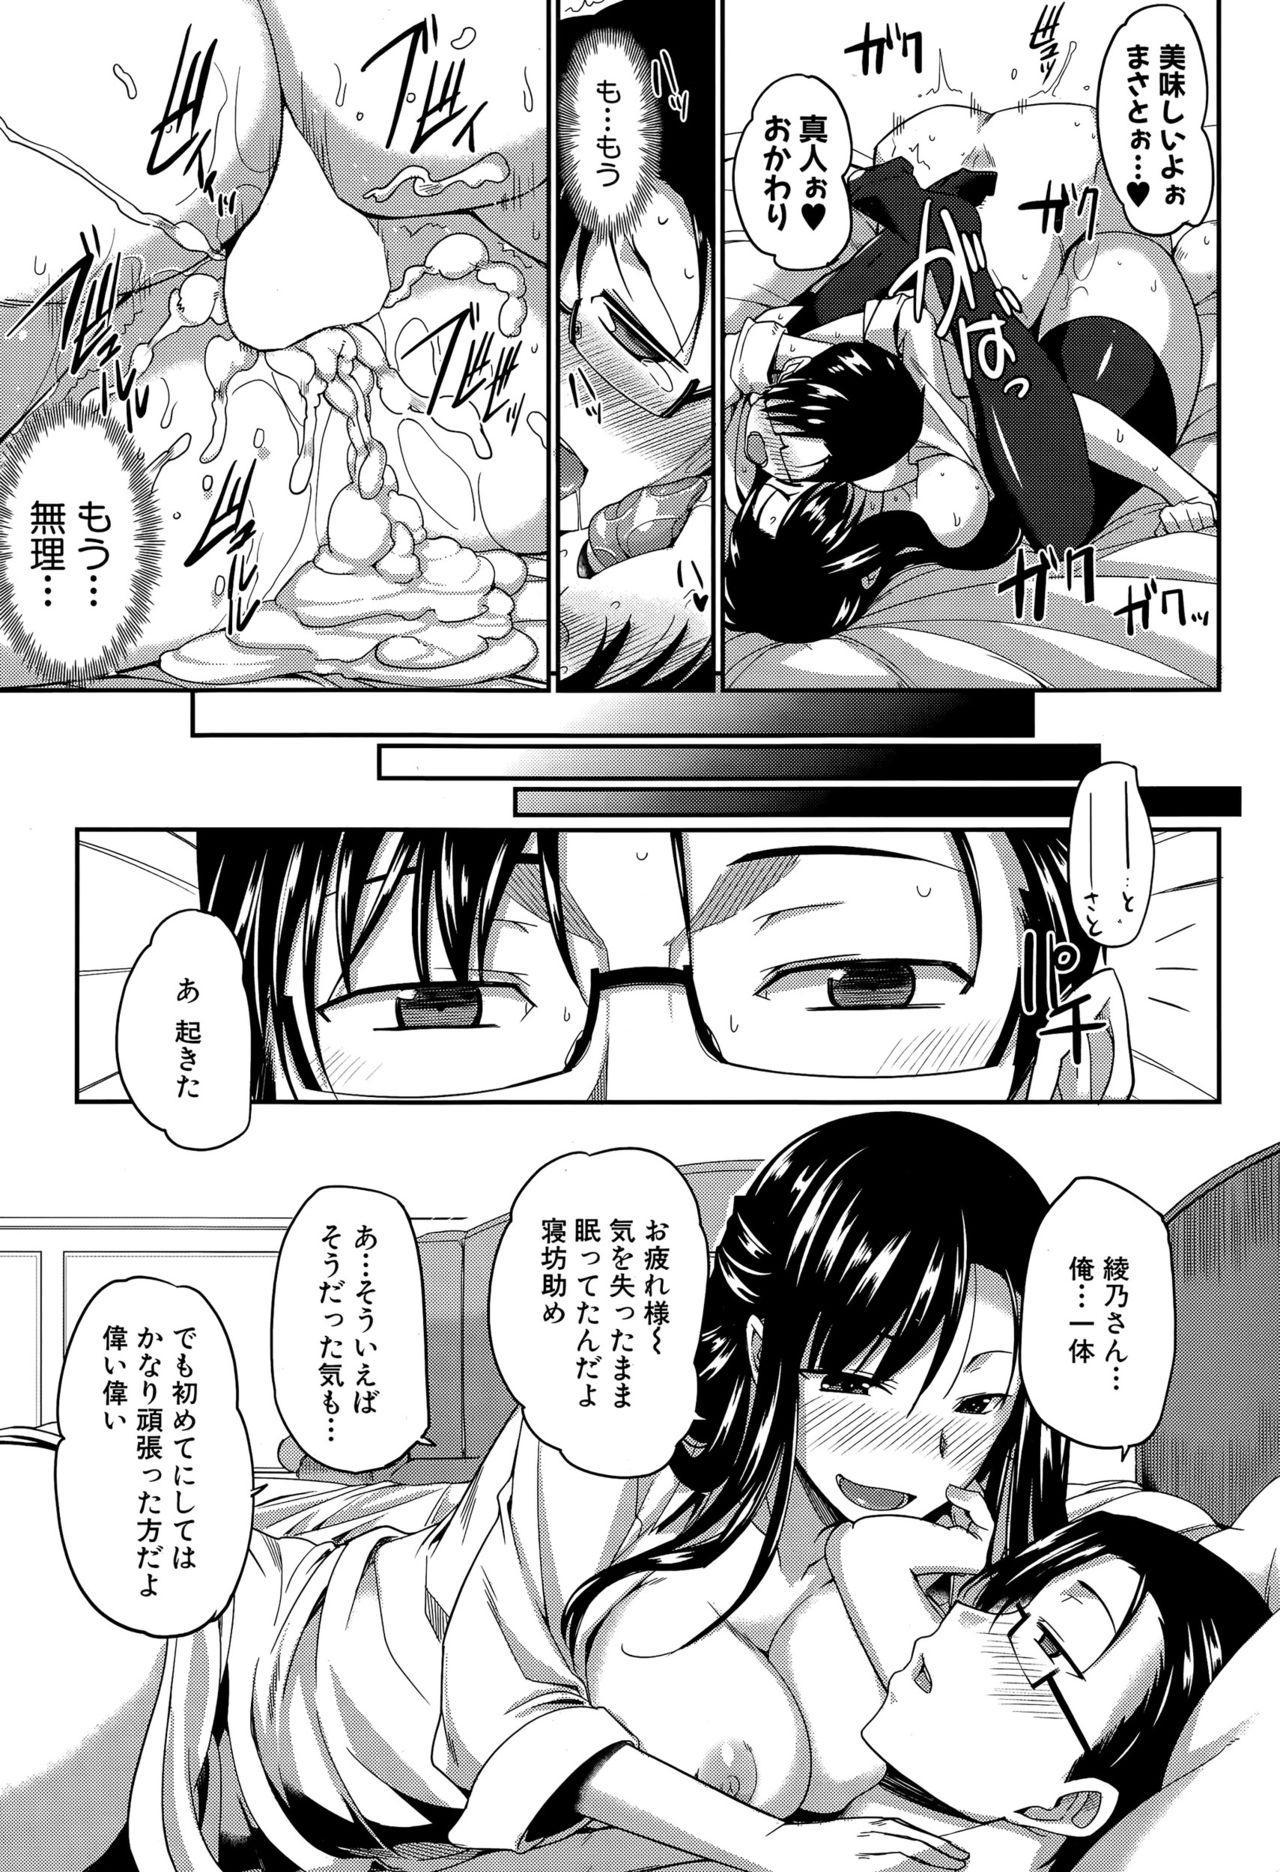 Inma no Mikata! Ch.1-3 36